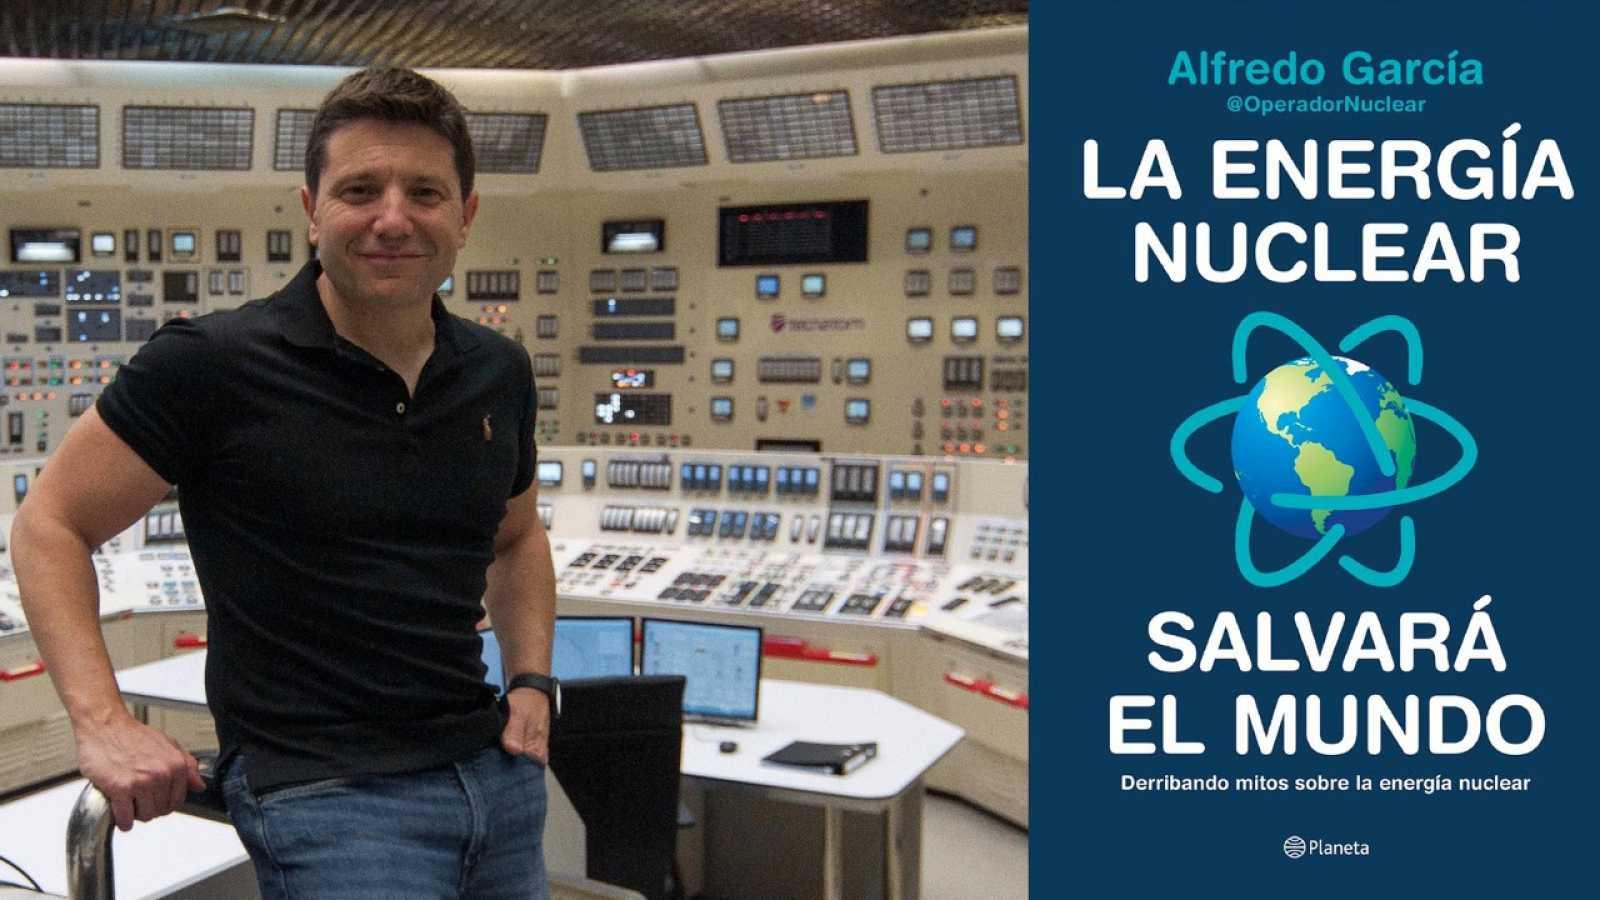 Fallo de sistema - 450: La energía nuclear salvará el mundo - 02/05/21 - escuchar ahora